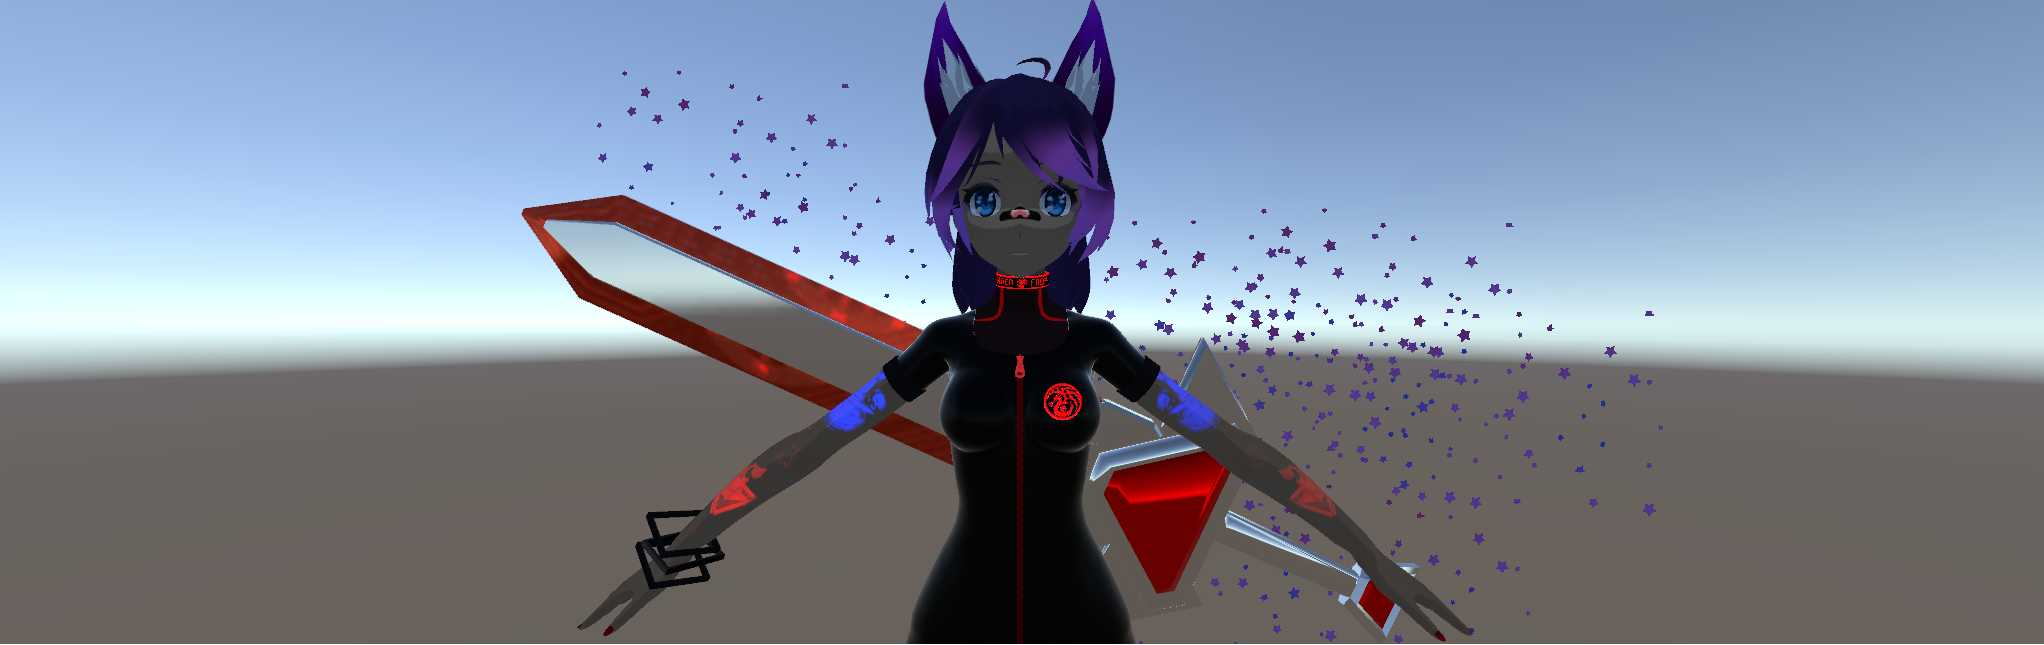 VRCMods - KittyKat Quits -Full body -easy upload (update 1 2